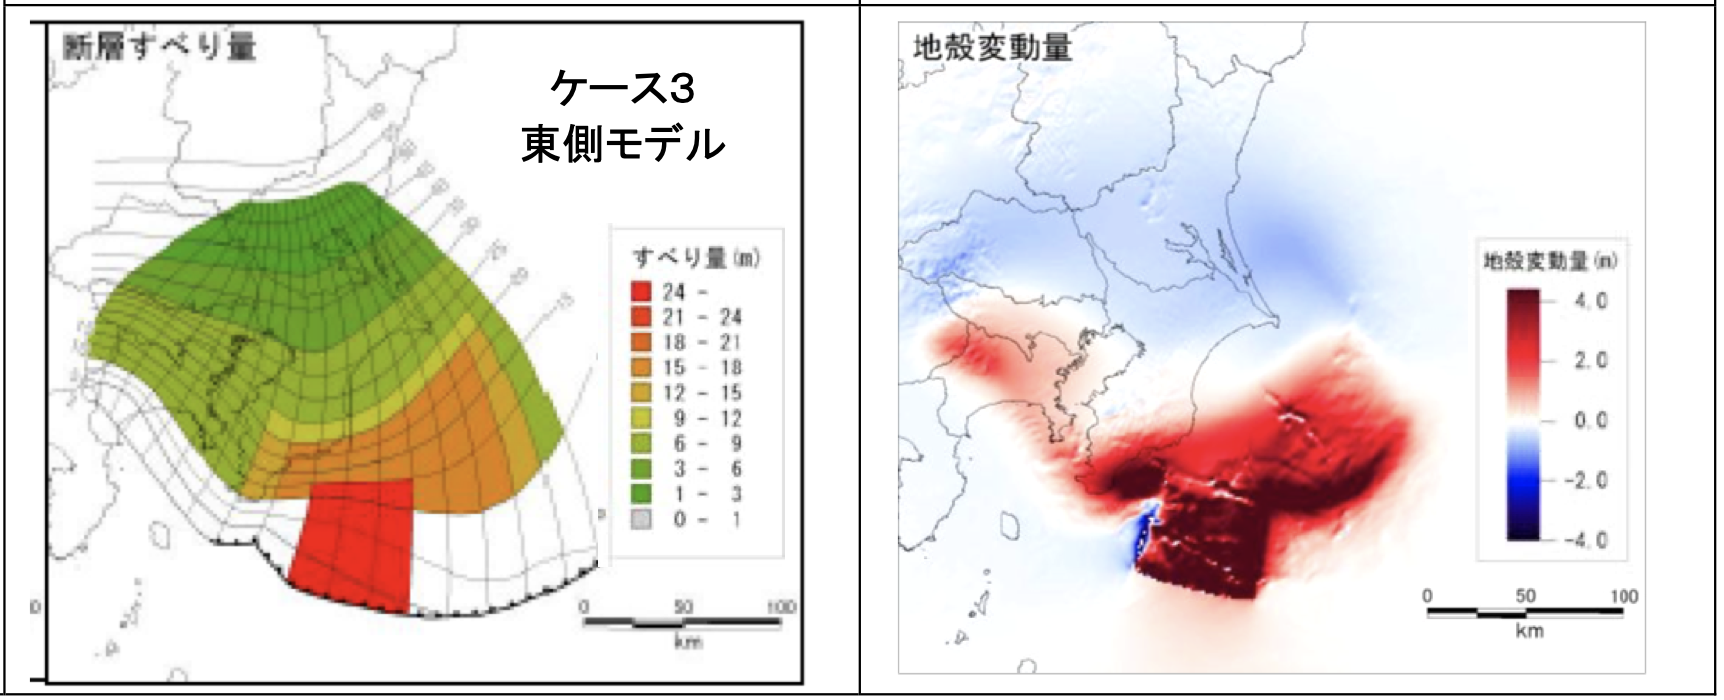 相模トラフ巨大地震 東側モデル